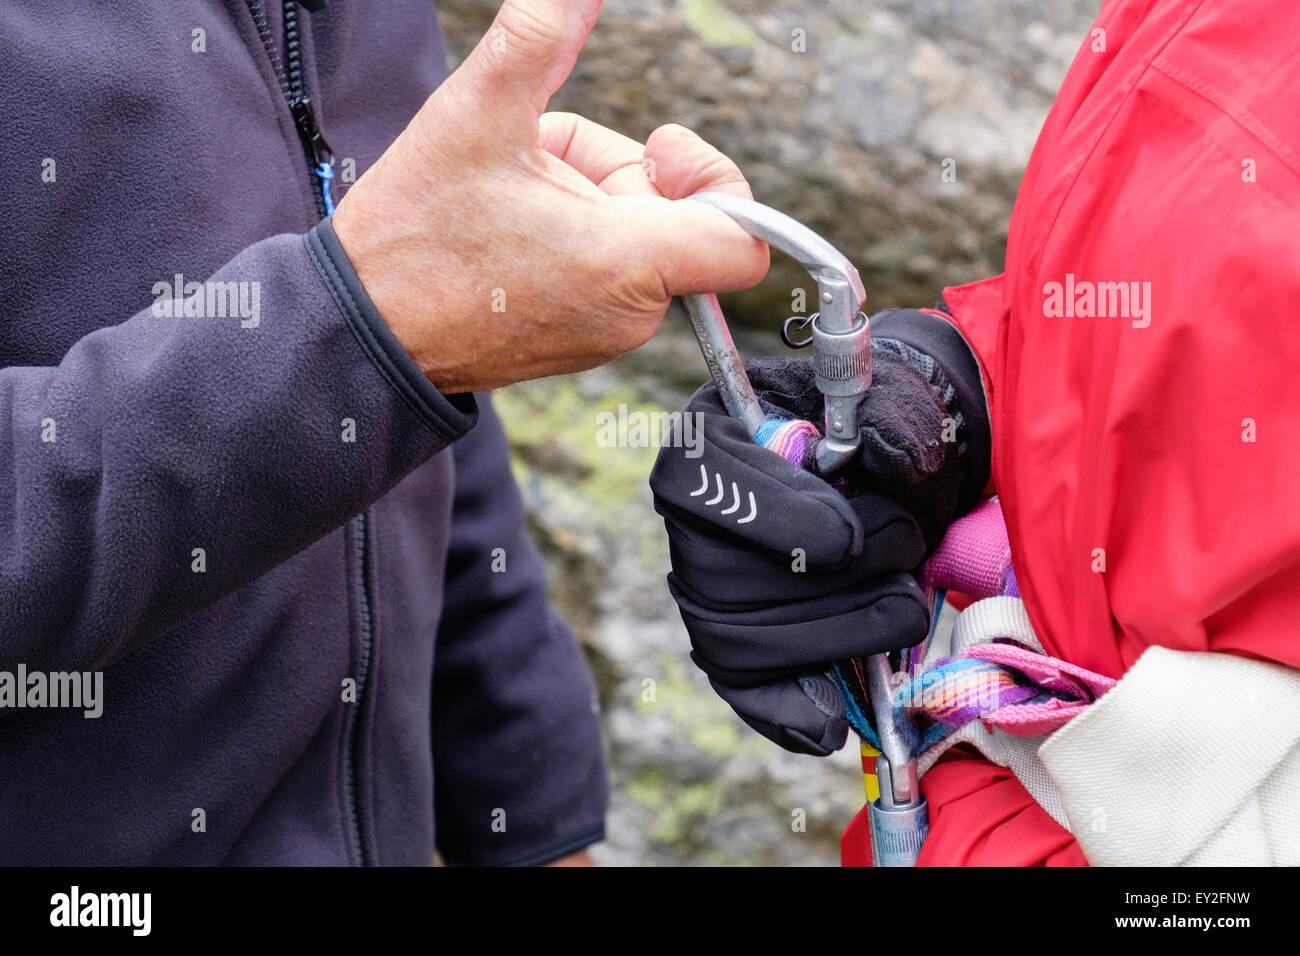 Klettergurt Englisch : Kletterer lehre ein neuling karabiner klettergurt zu